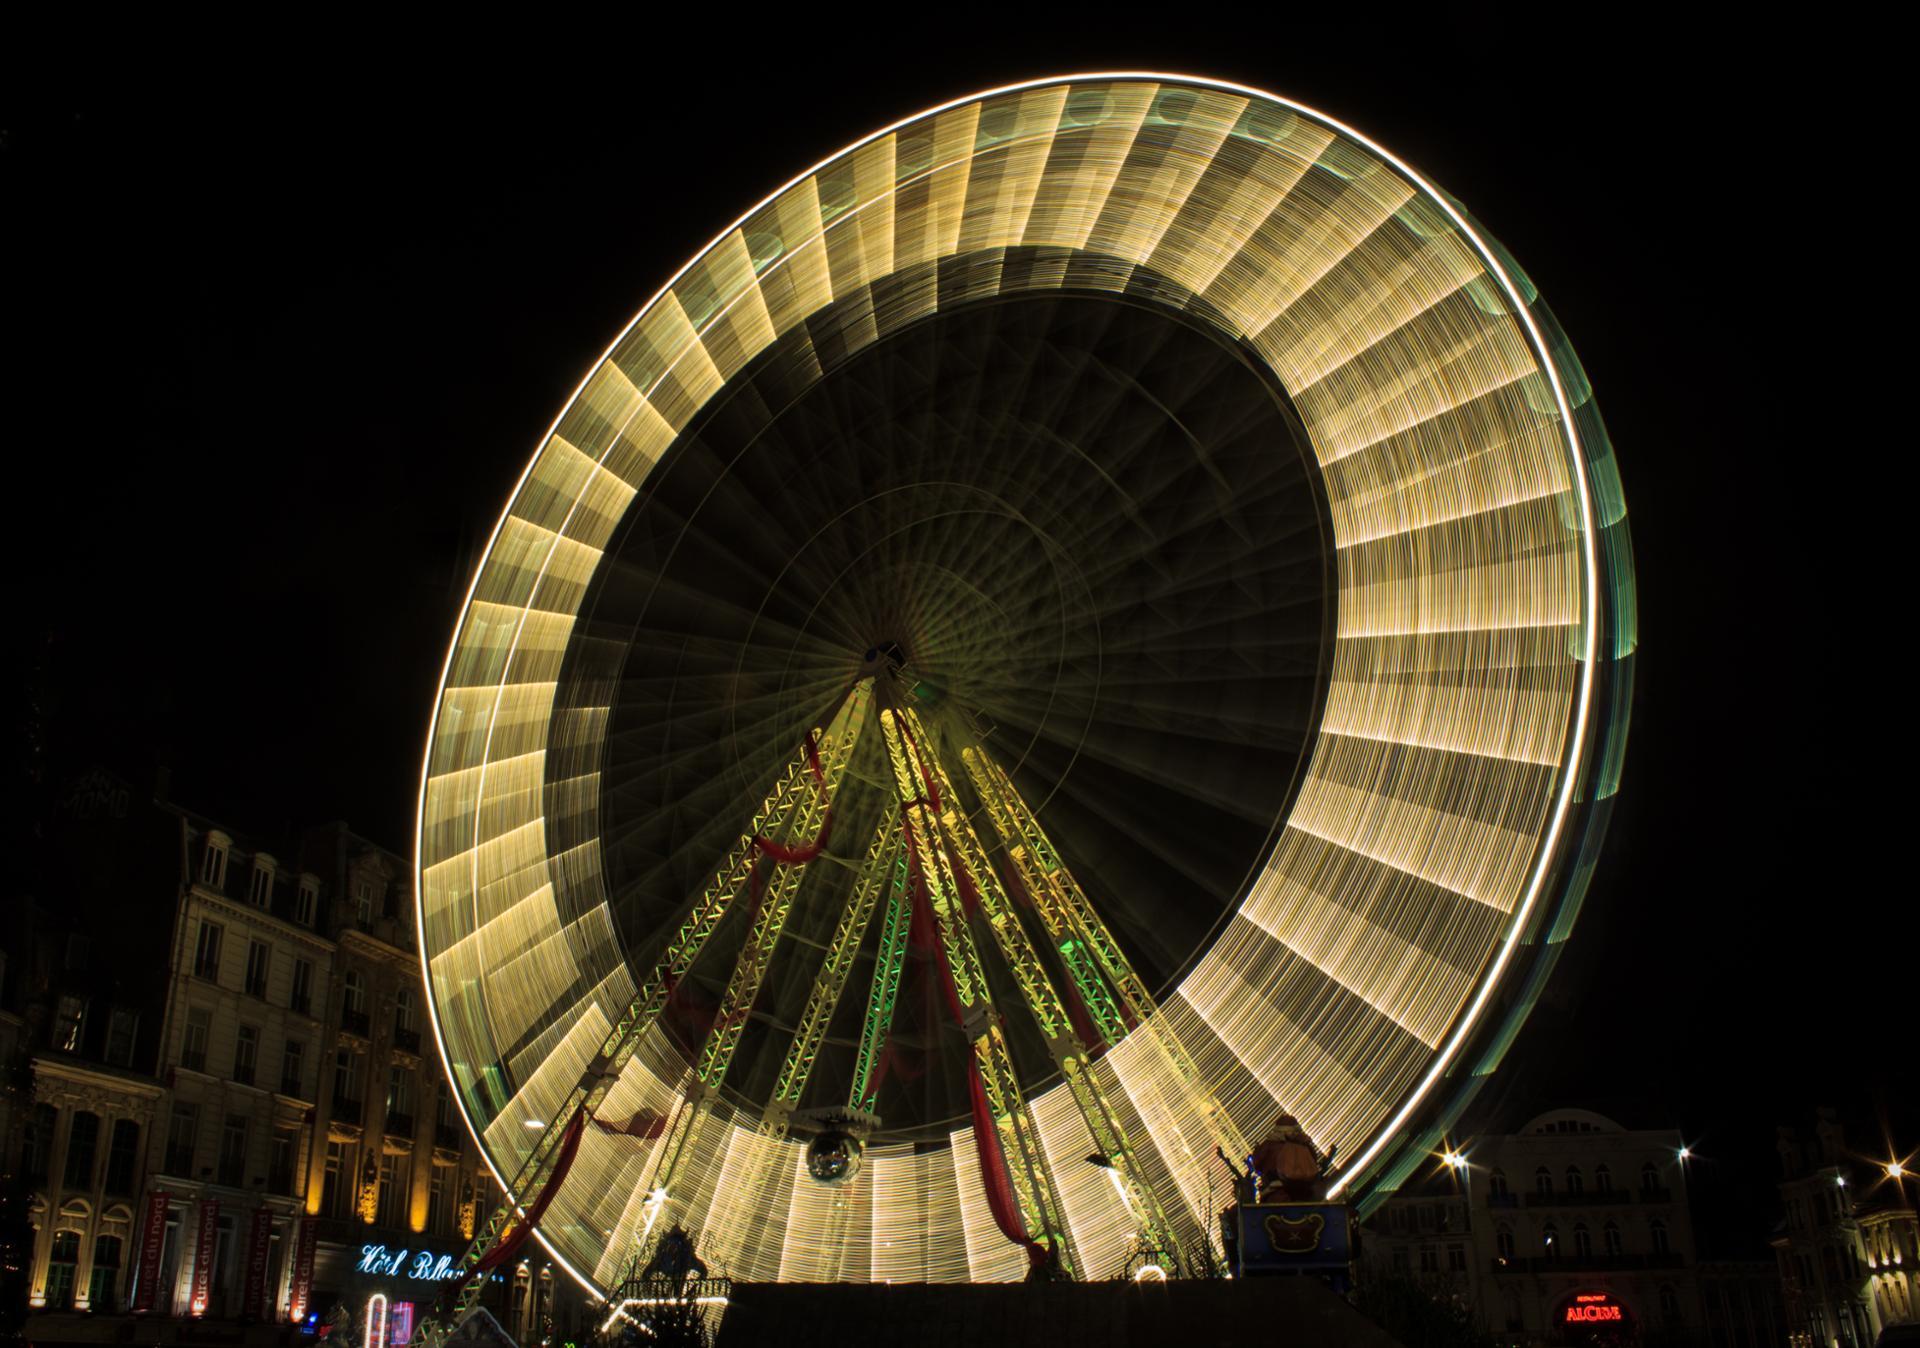 La grande roue en action